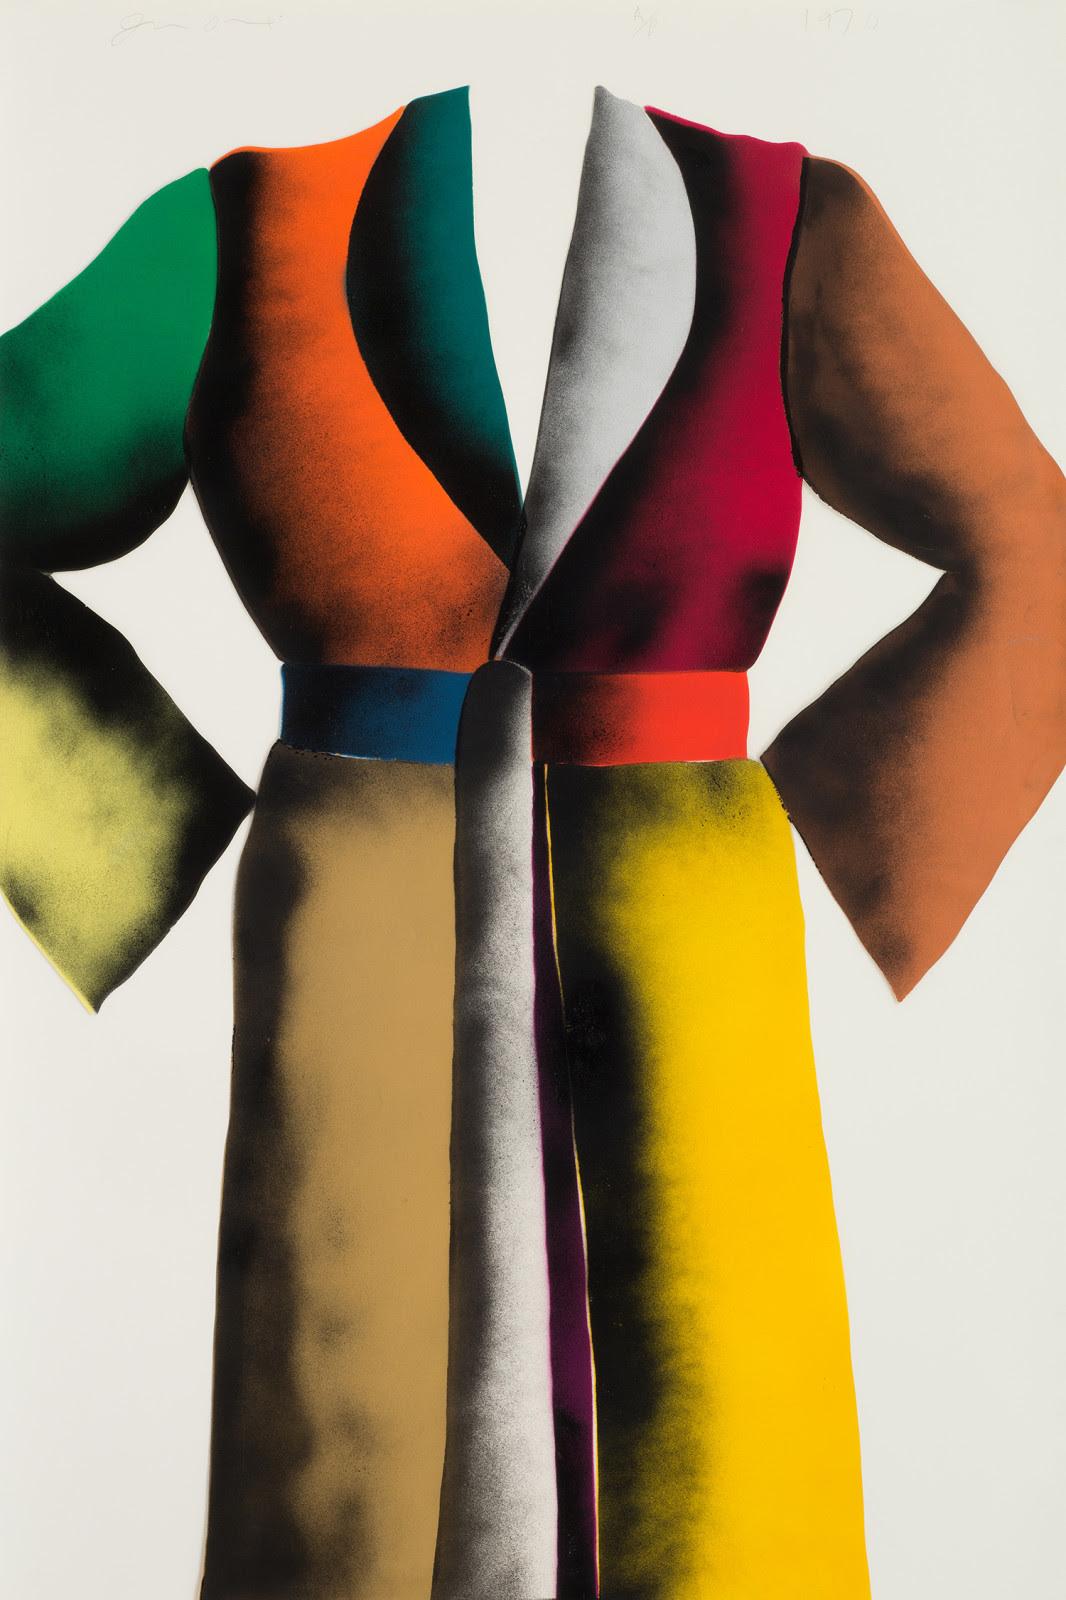 fine art print of multi colored robe by Jim Dine; Self-Portrait (Stencil), 1970